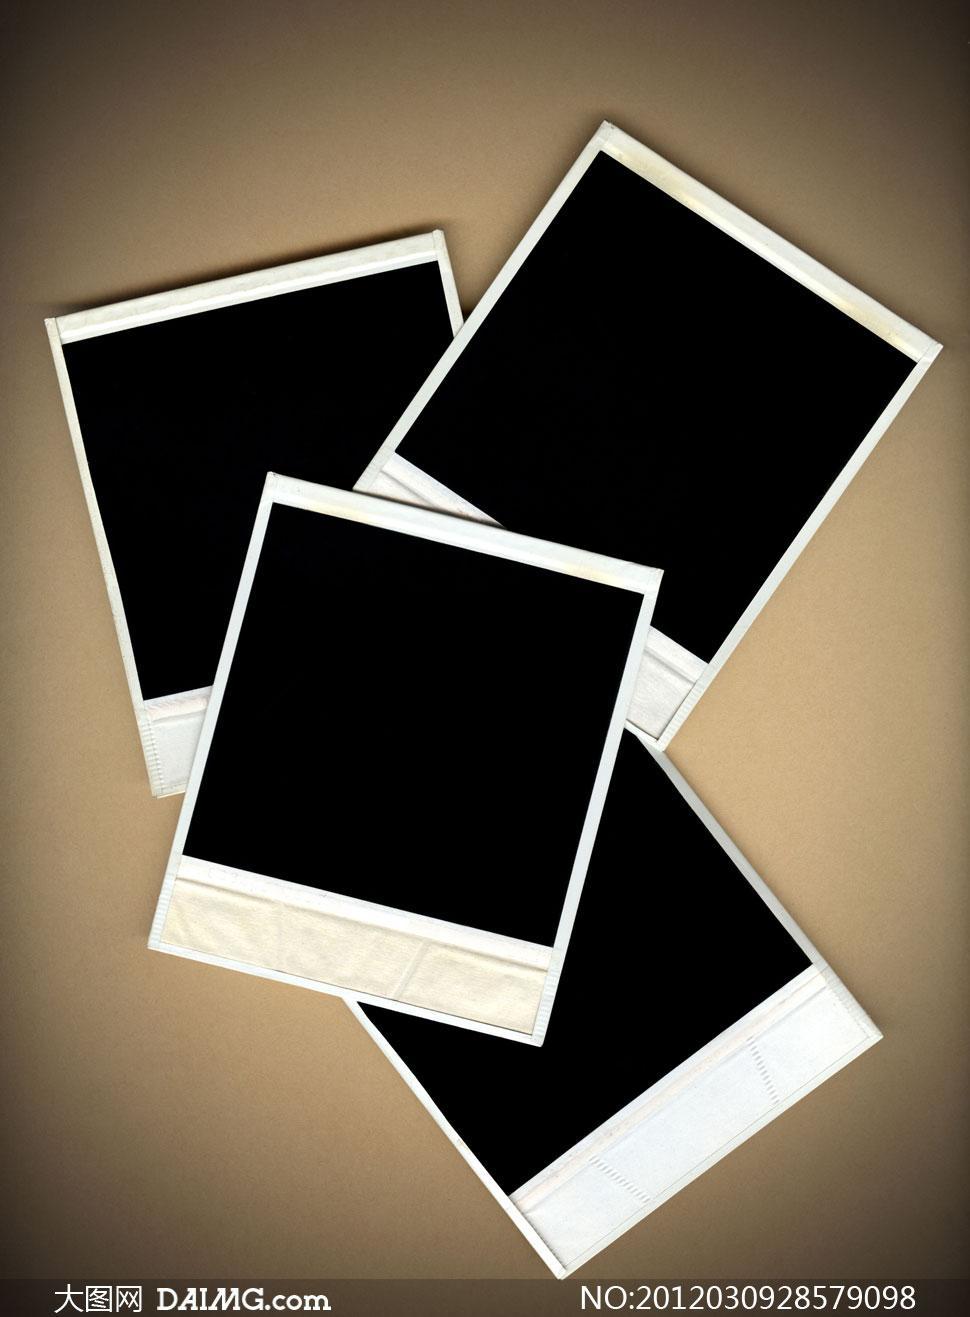 高清摄影图片大图素材复古宝丽来边框背景黑色照片